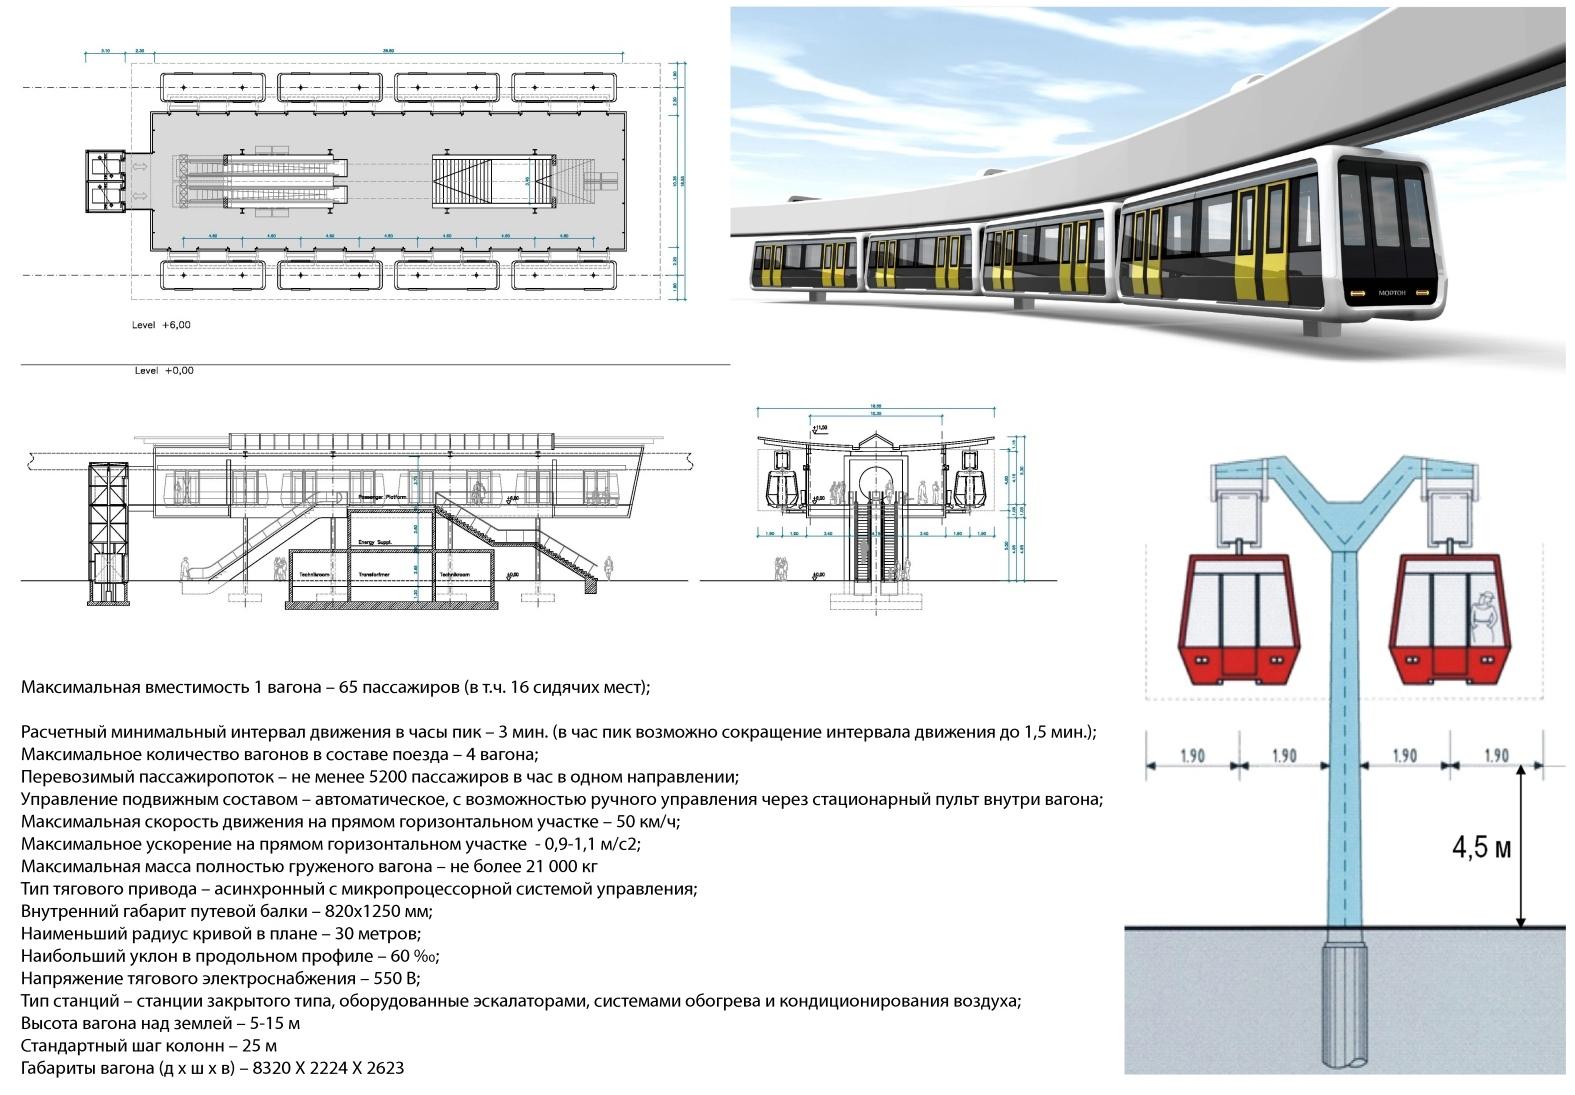 Схемы систем электроснабжения пассажирских вагонов